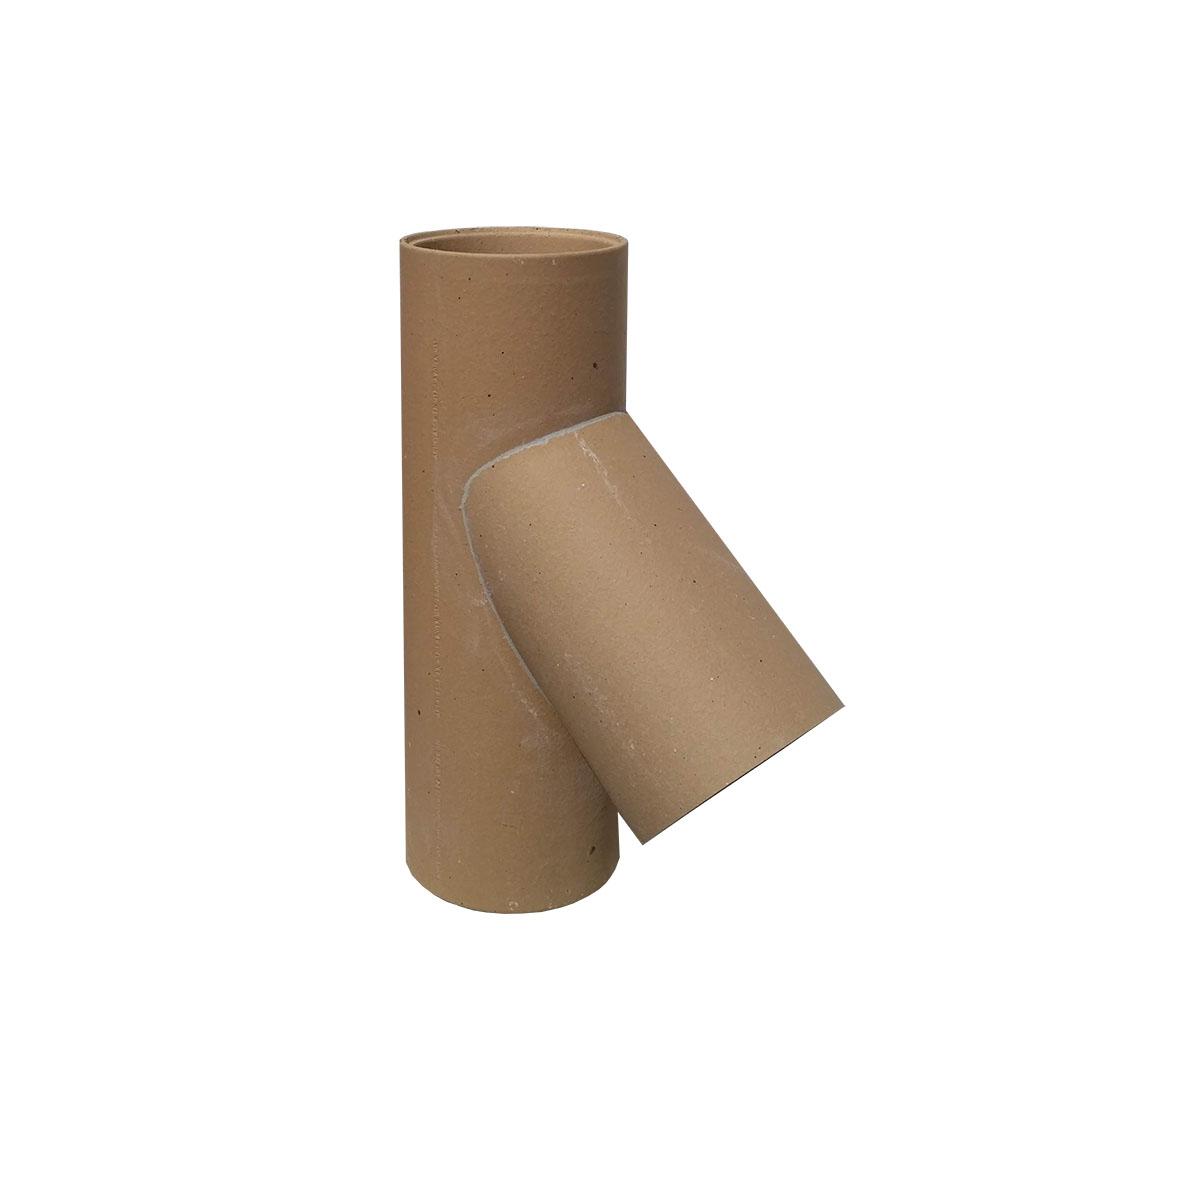 Keramická komínová vložka - odbočka 45°, HART Keramik